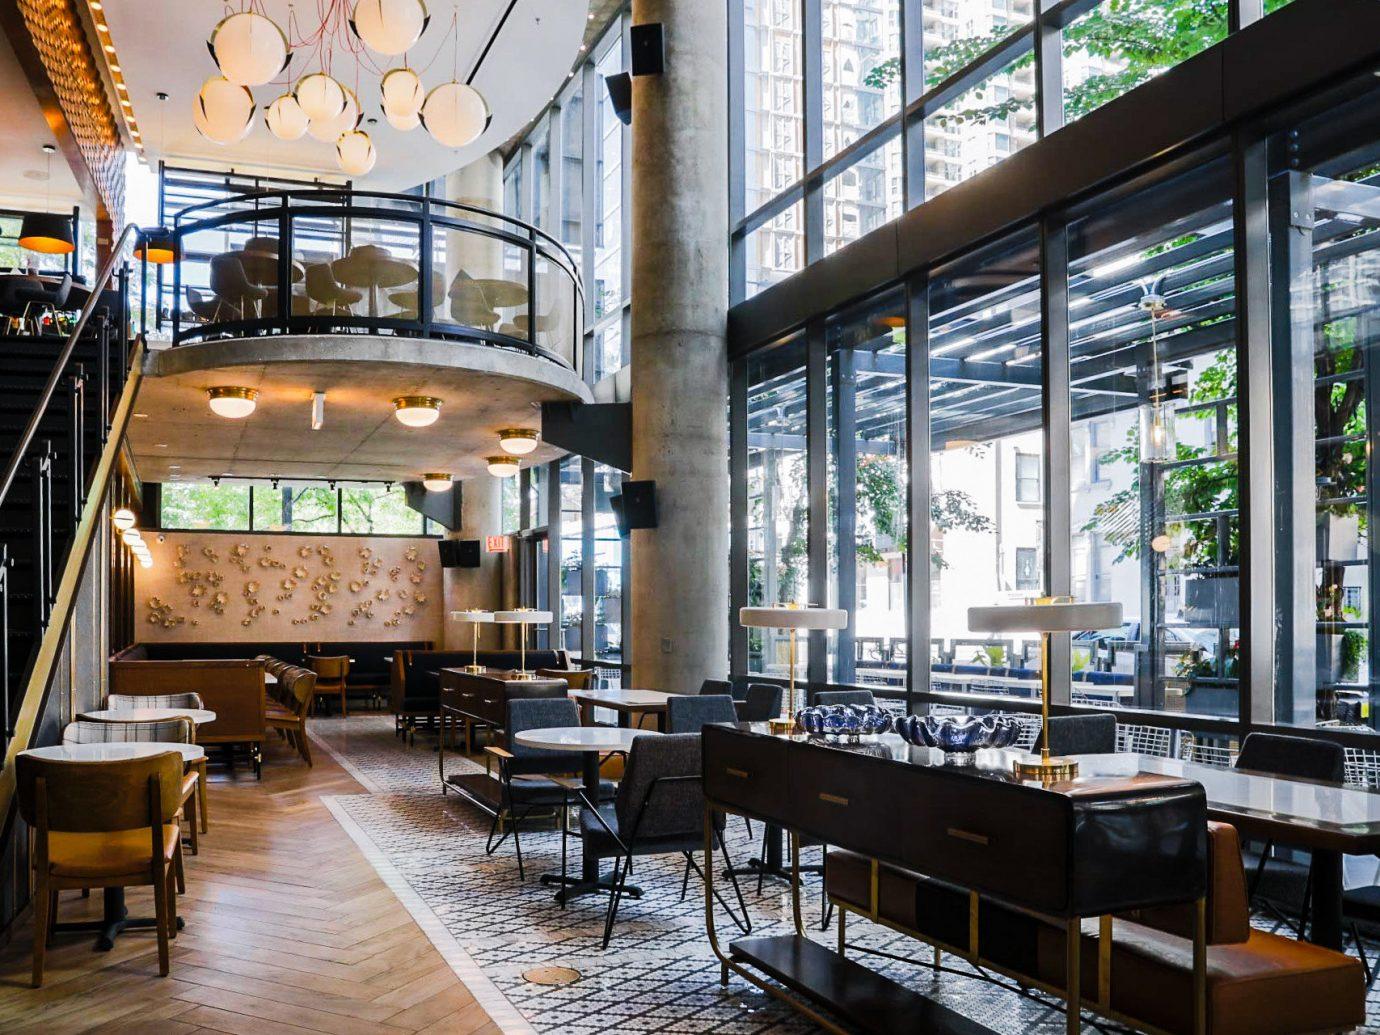 Arts + Culture Food + Drink Hotels Weekend Getaways indoor floor restaurant interior design café area furniture